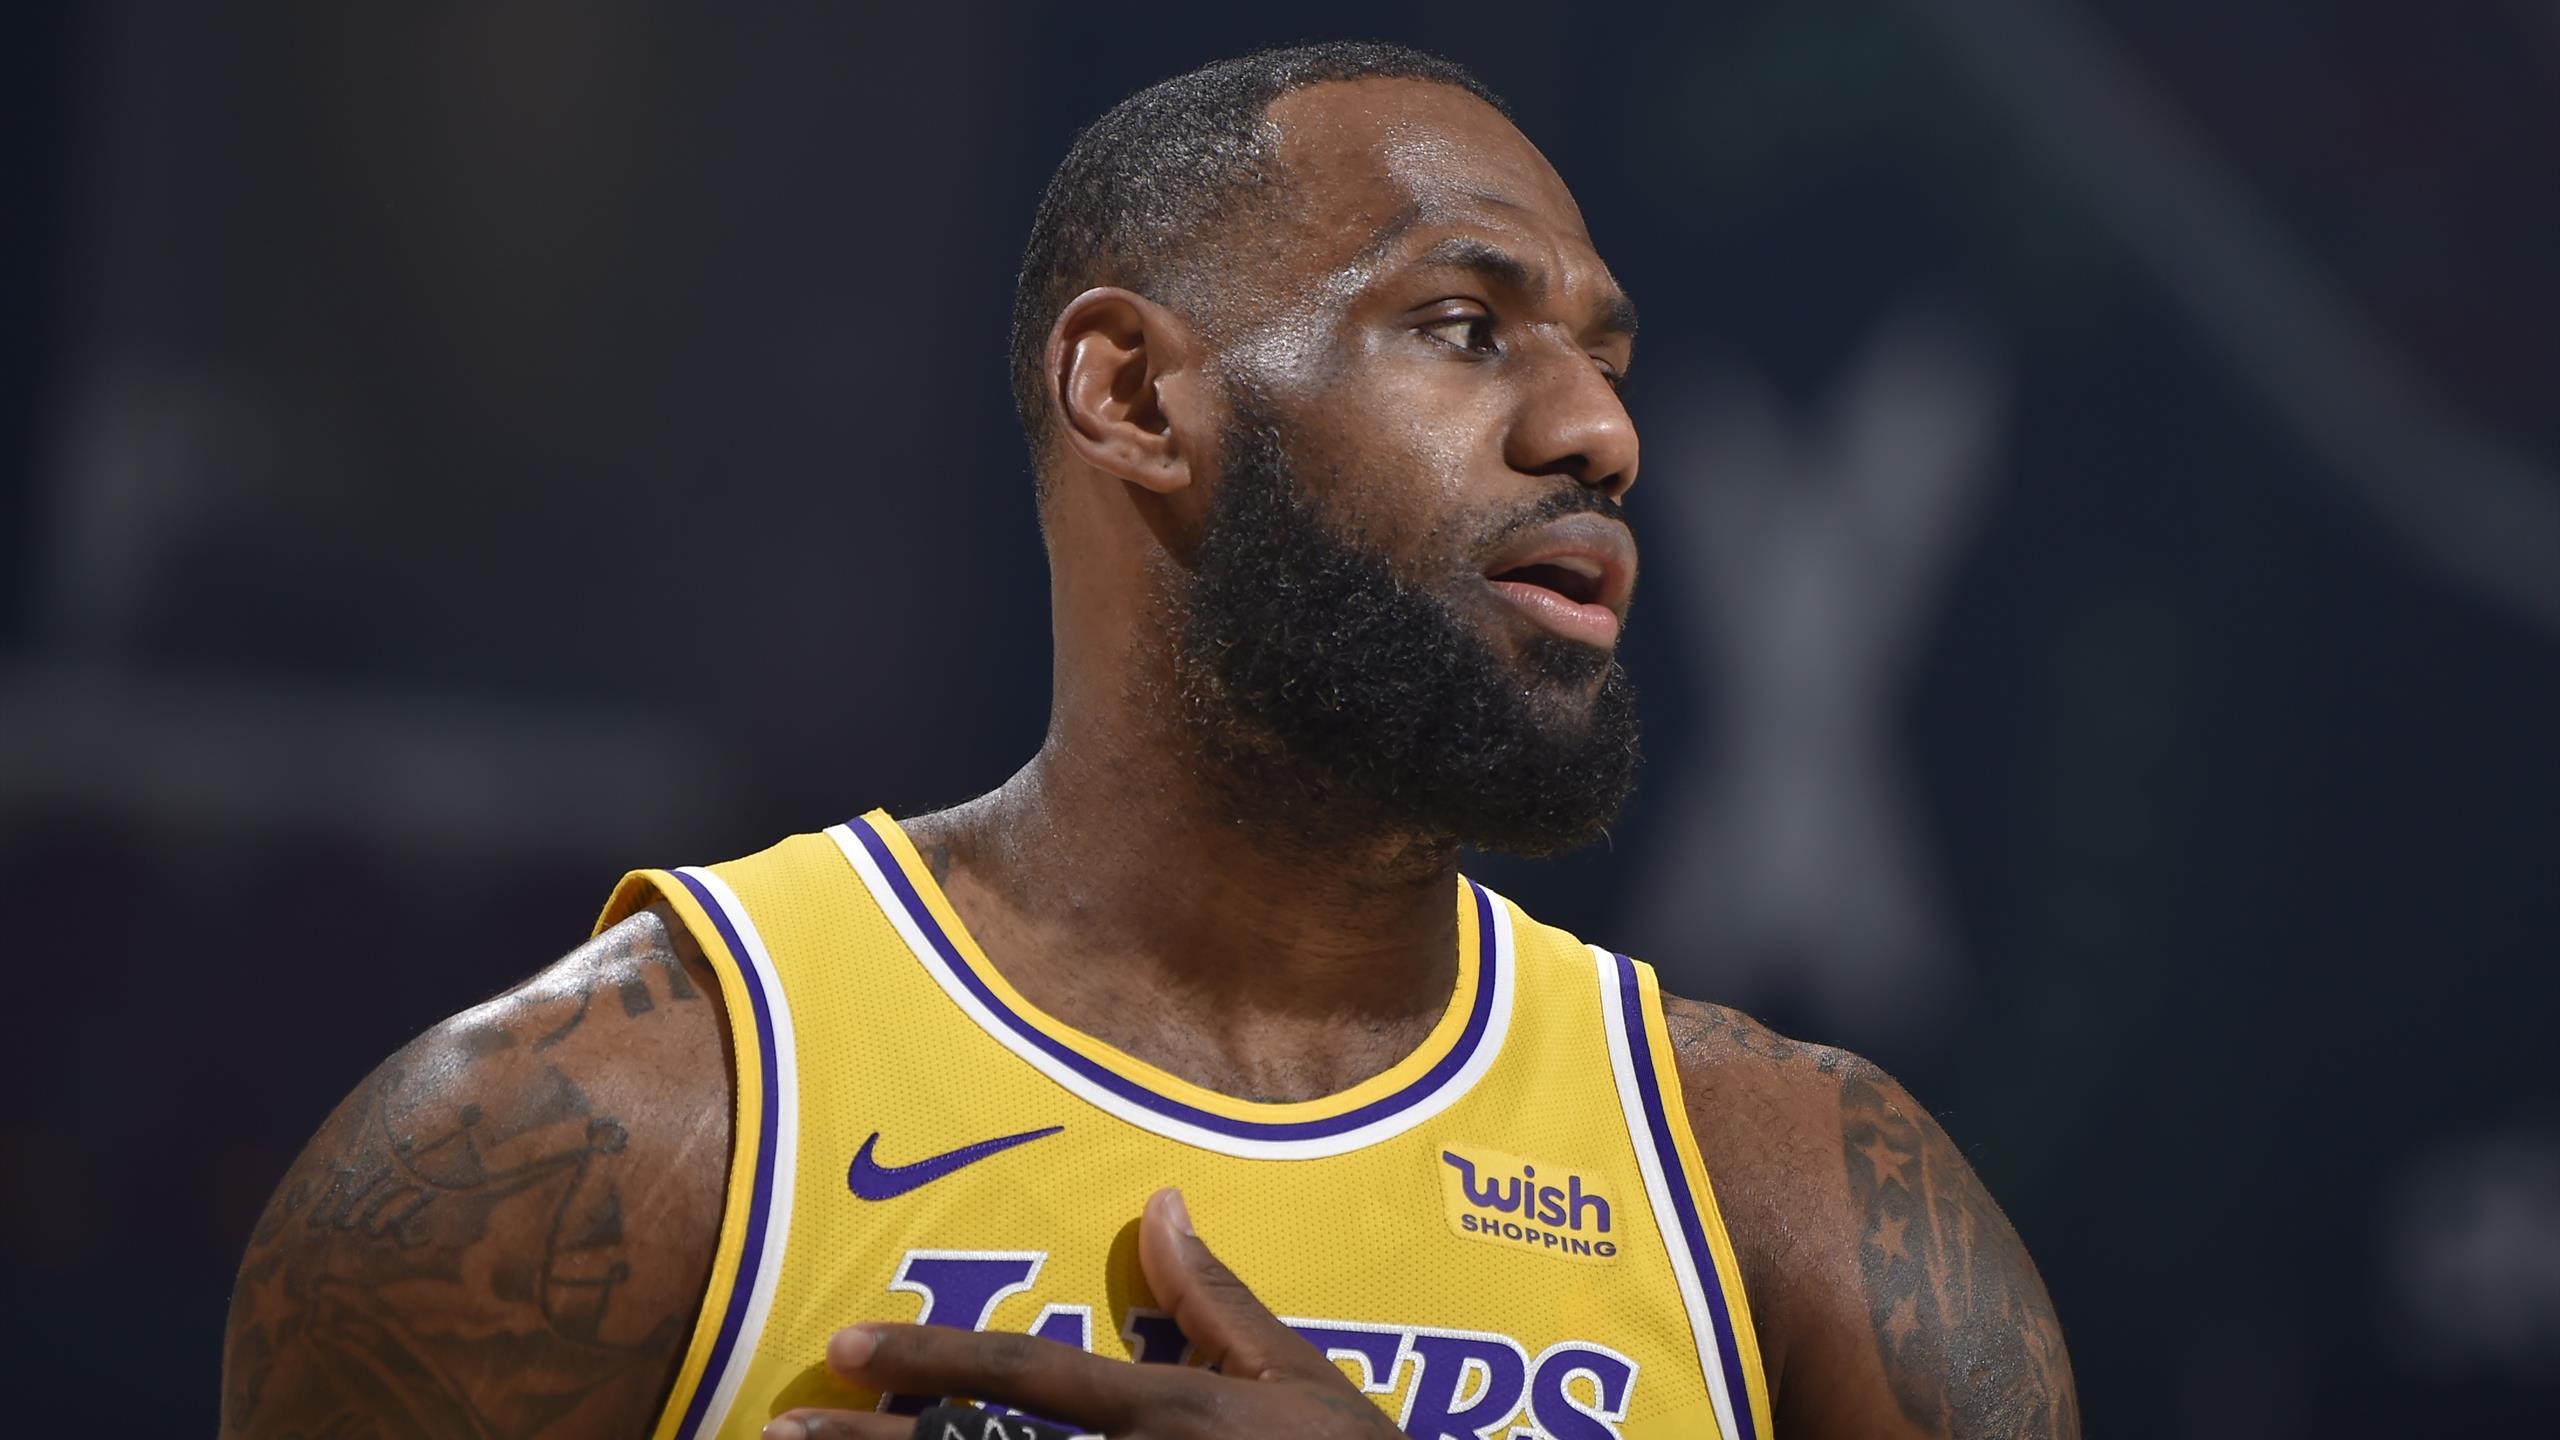 NBA : James et Durant mènent le front des votes pour un All-Star Game de plus en plus probable - Eurosport FR